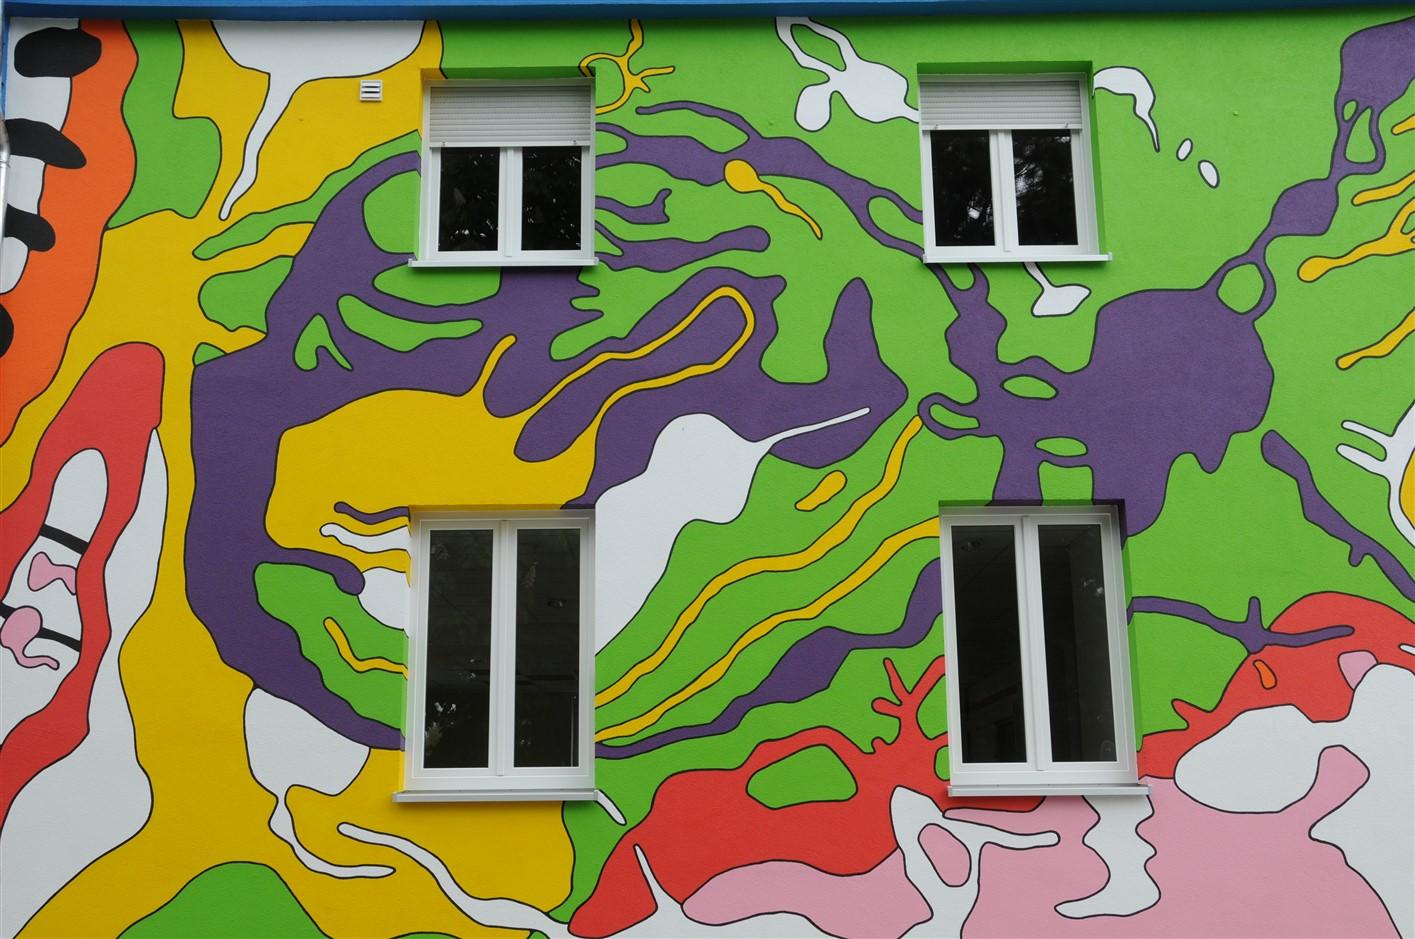 Bunte Hausfassade mit vier Fenstern